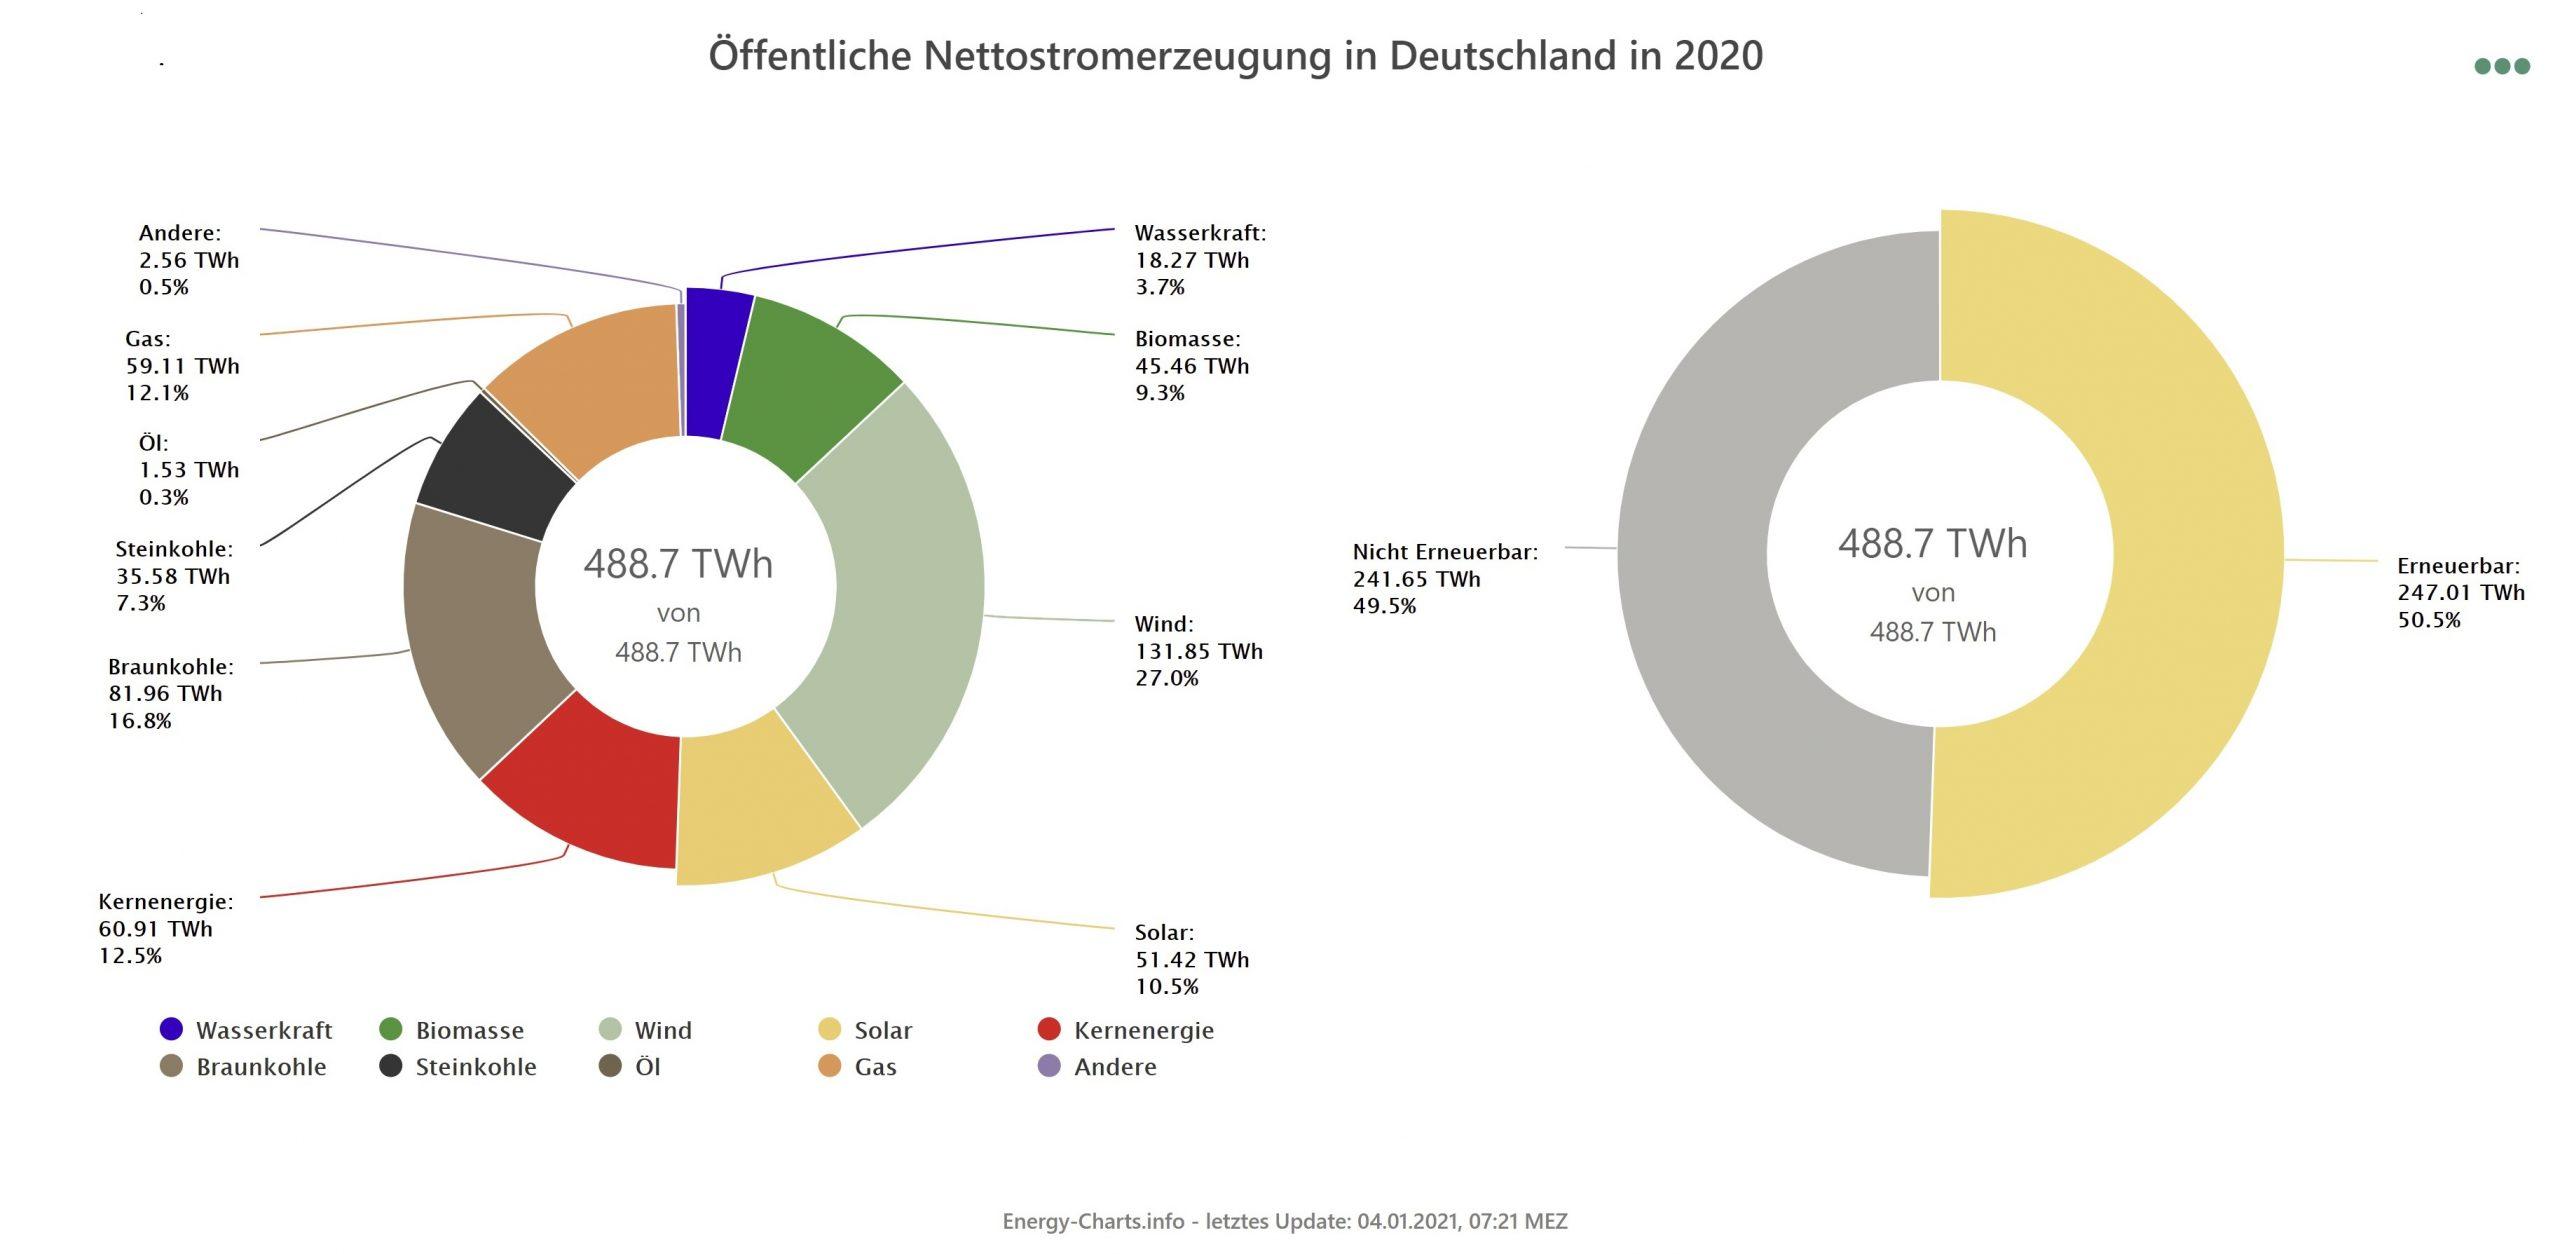 Öffentliche Nettostromerzeugung in Deutschland in 2020